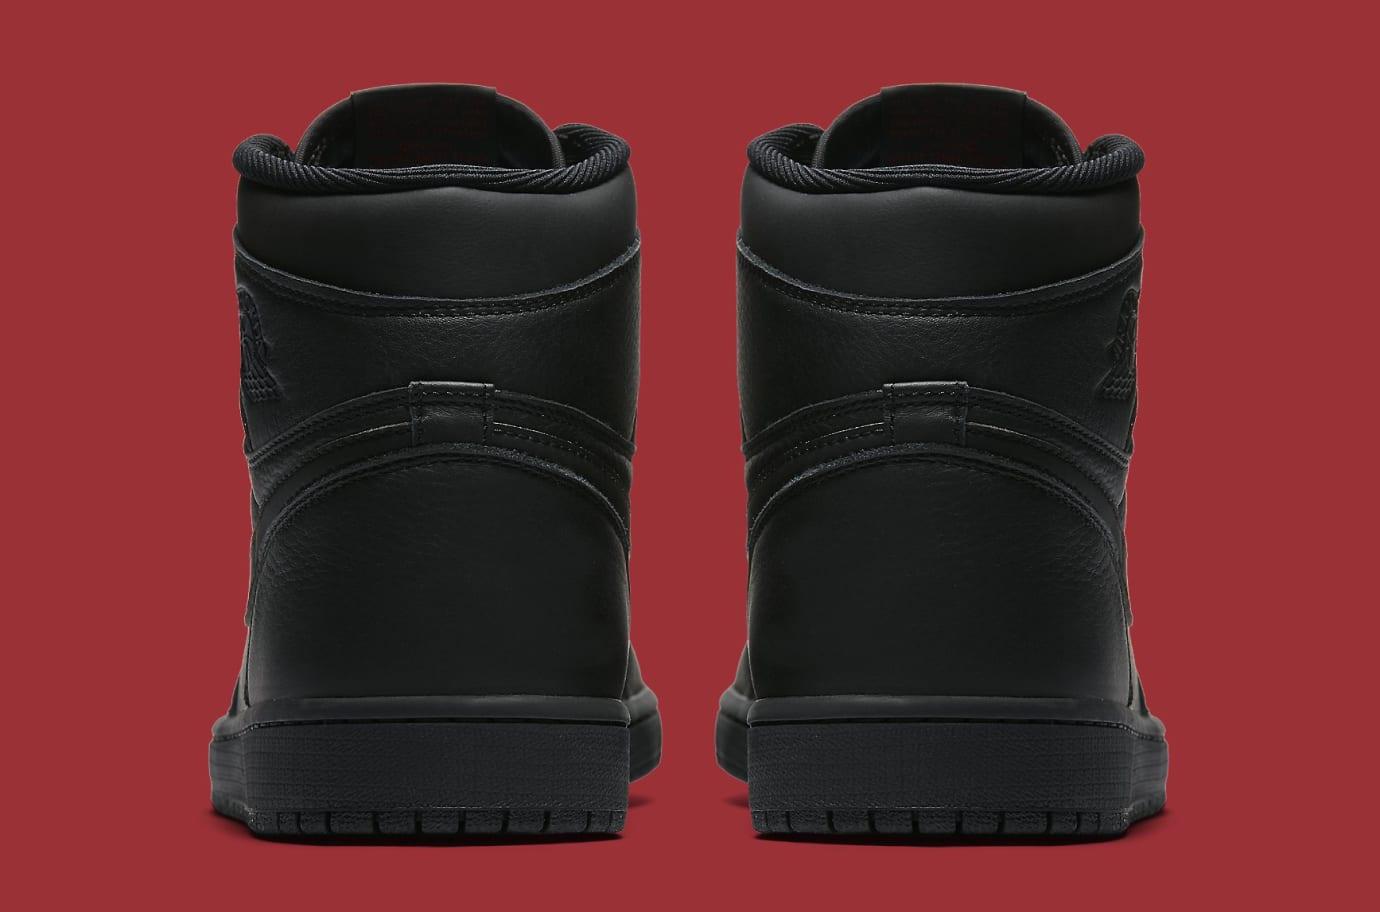 f4653eb3ddd9e Image via Nike Air Jordan 1 Black Red 555088-022 Heel